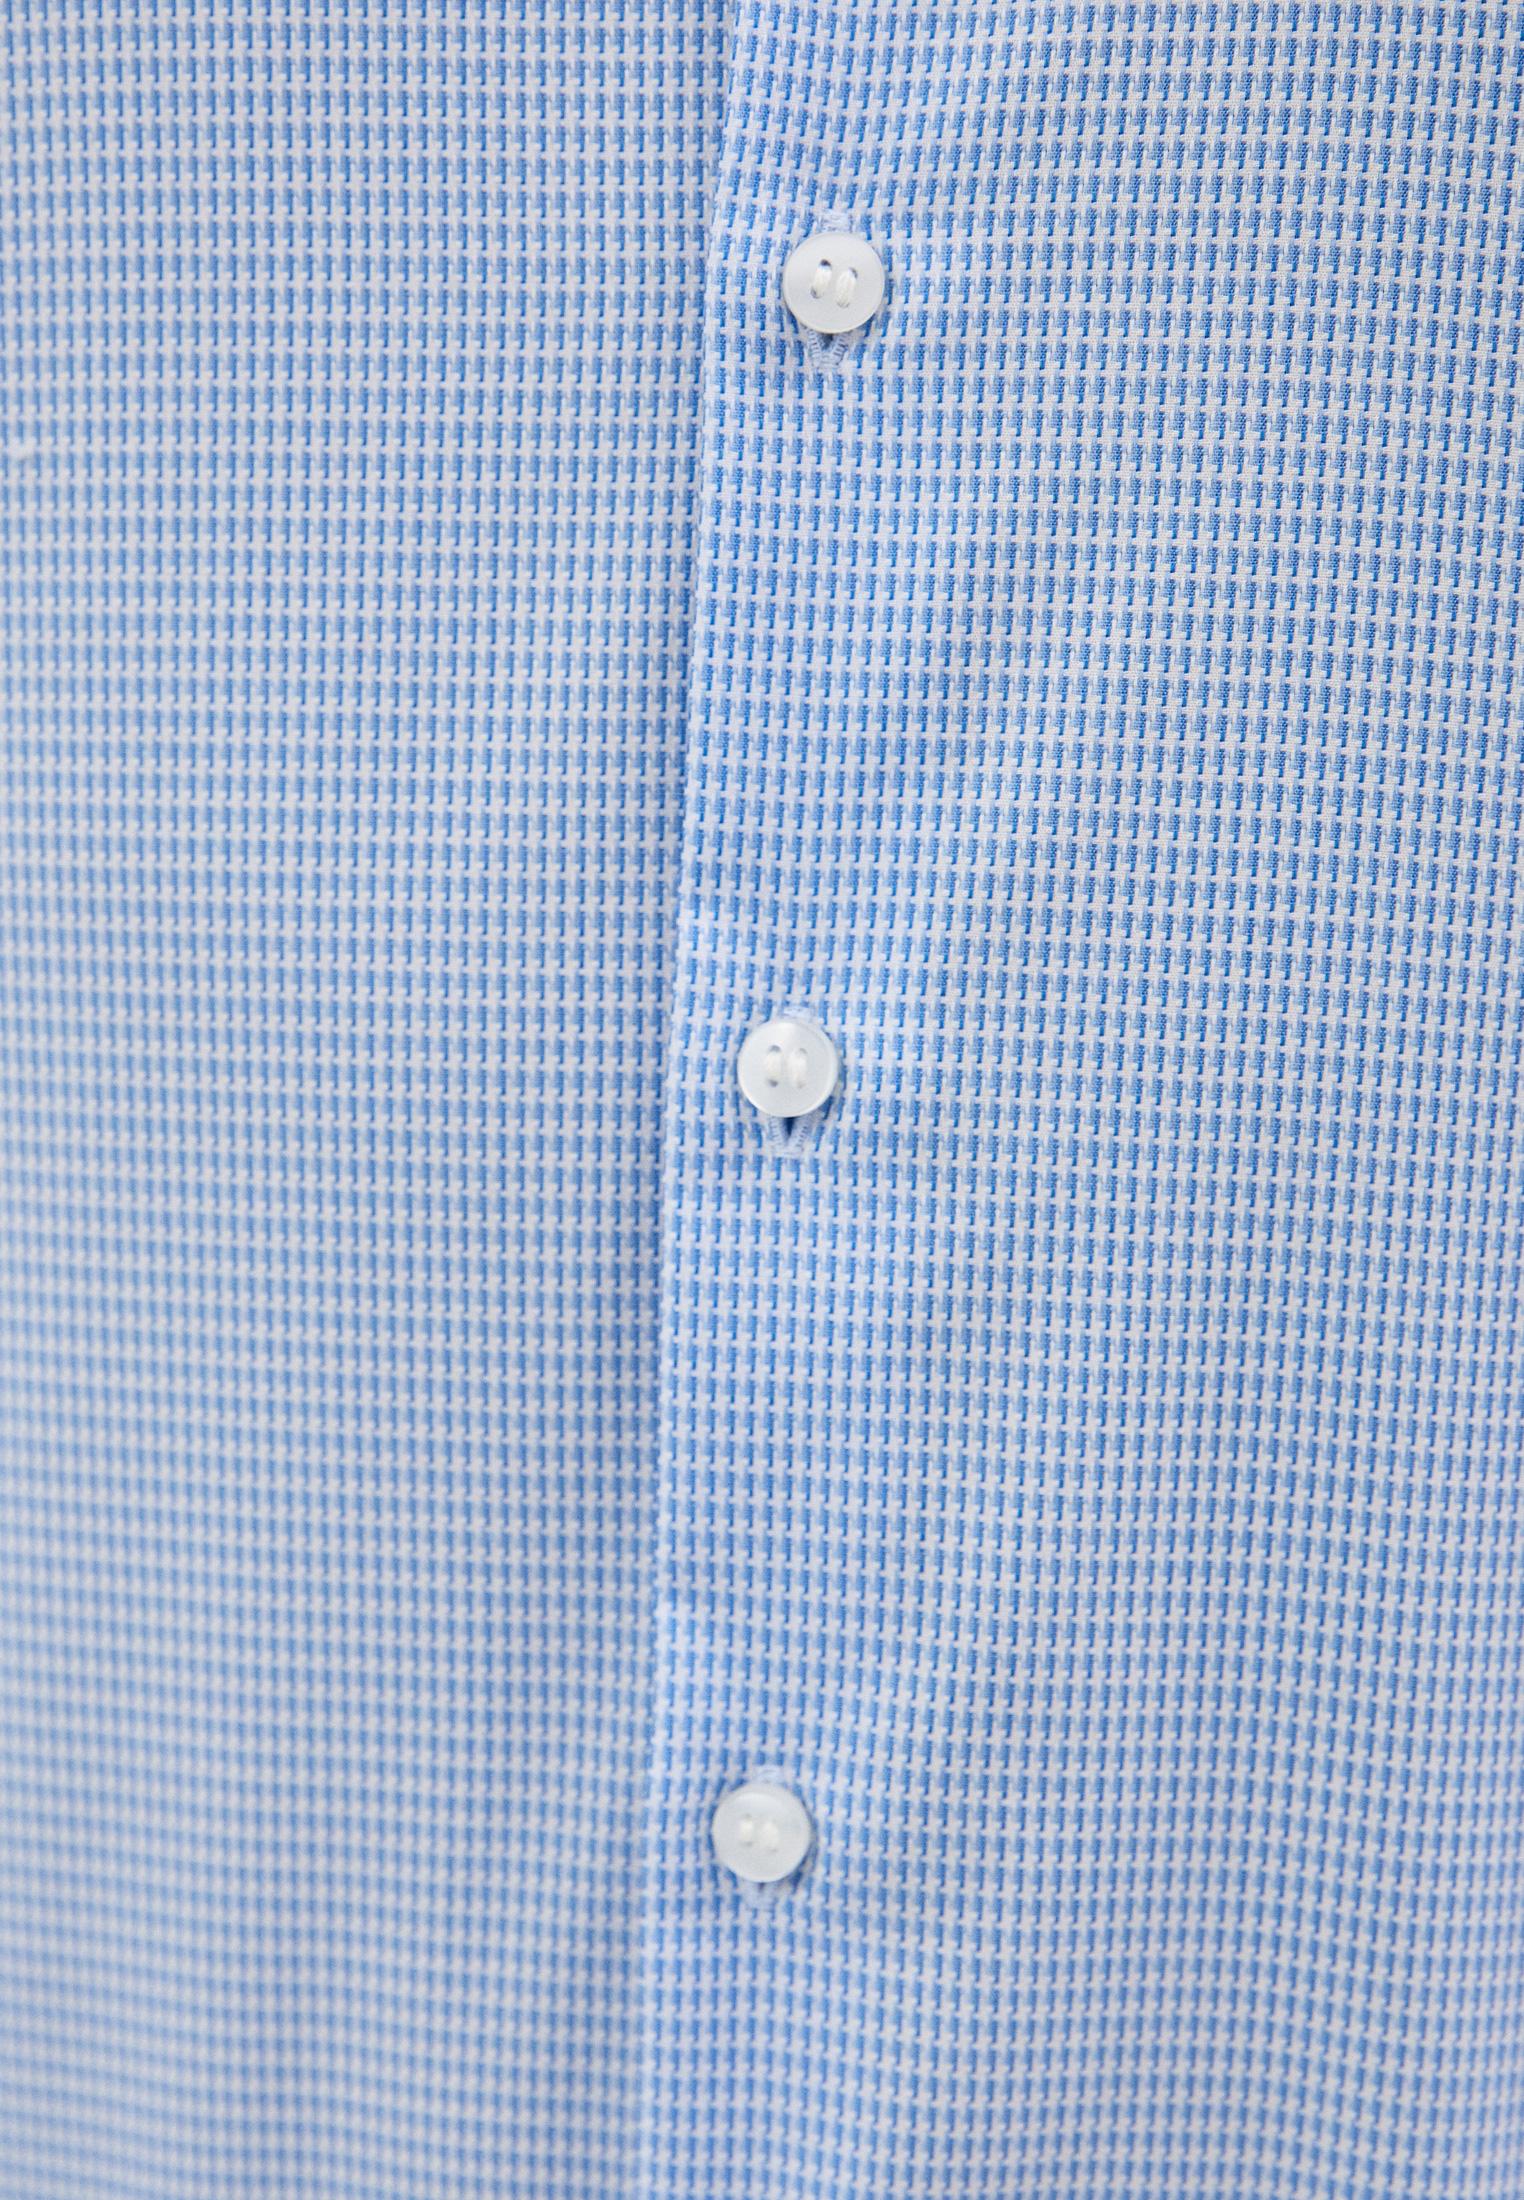 Рубашка с длинным рукавом Calvin Klein (Кельвин Кляйн) k10k106226: изображение 5